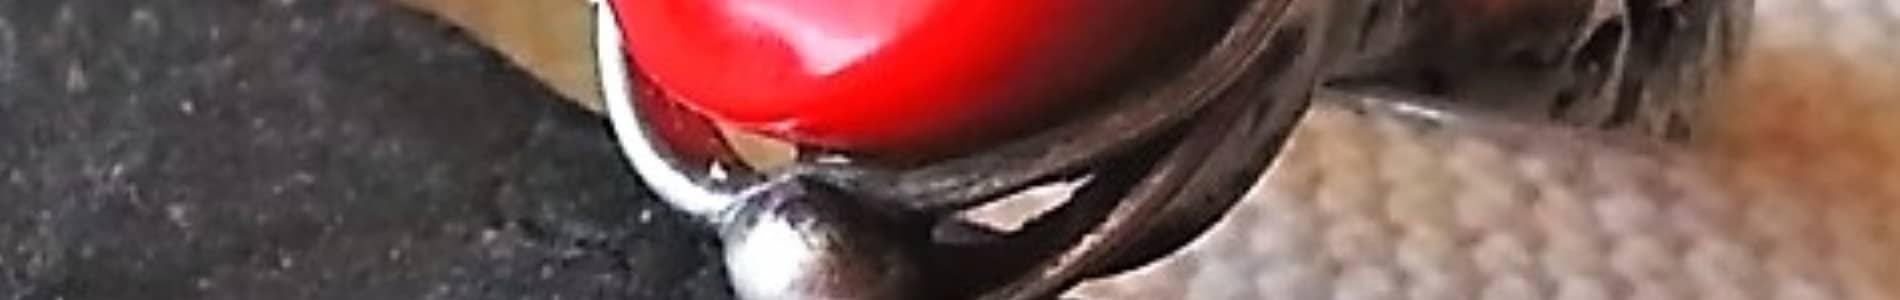 Ateliér ŠUM cínový šperk